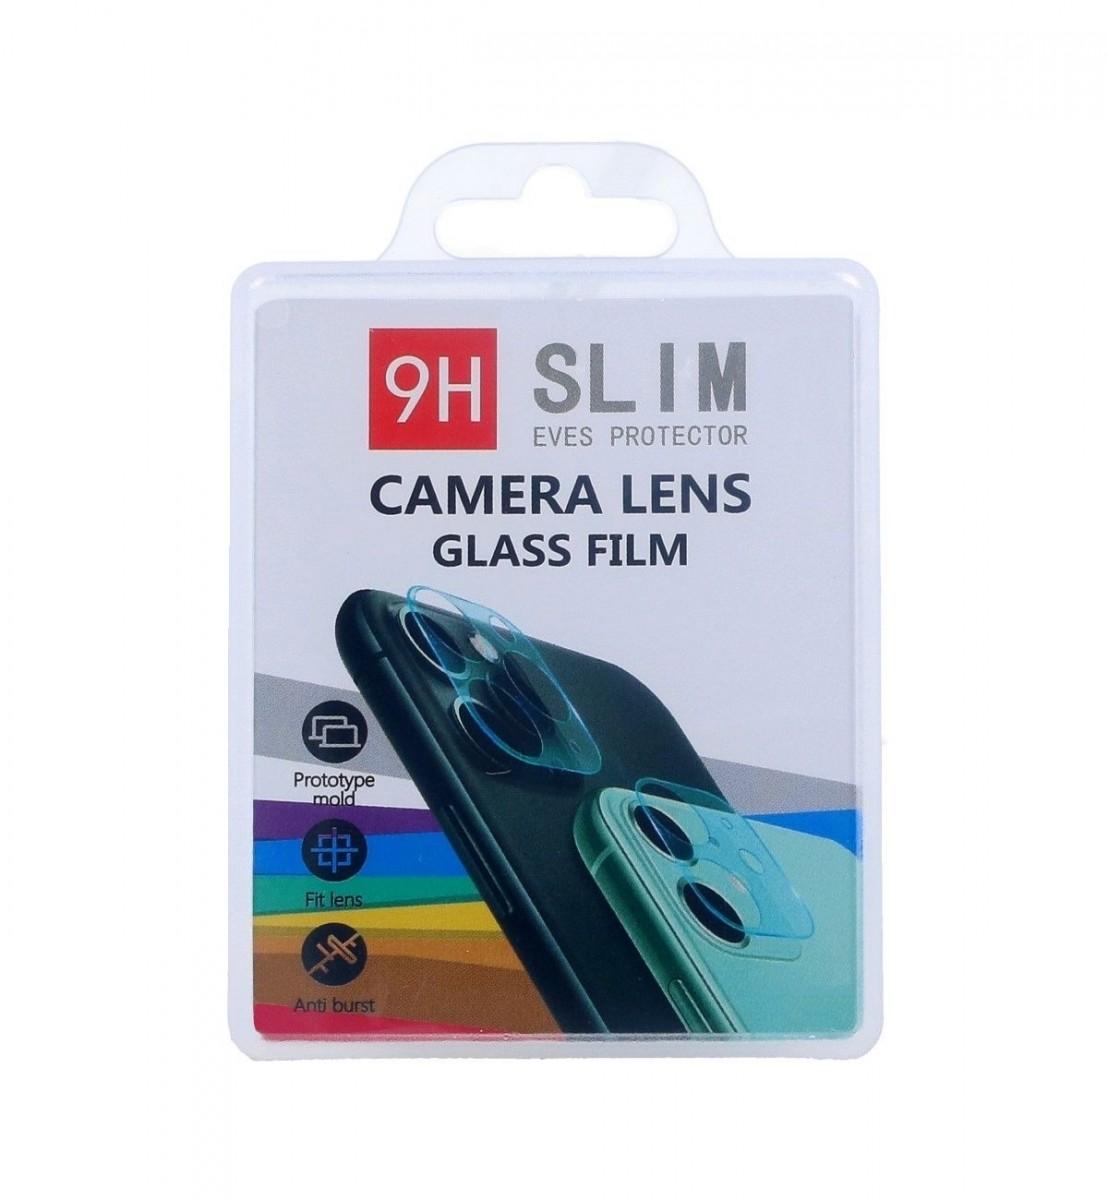 Tvrzené sklo TopQ na zadní fotoaparát Xiaomi Mi 10T Lite 58209 (ochranné sklo na zadní čočku fotoaparátu Xiaomi Mi 10T Lite)